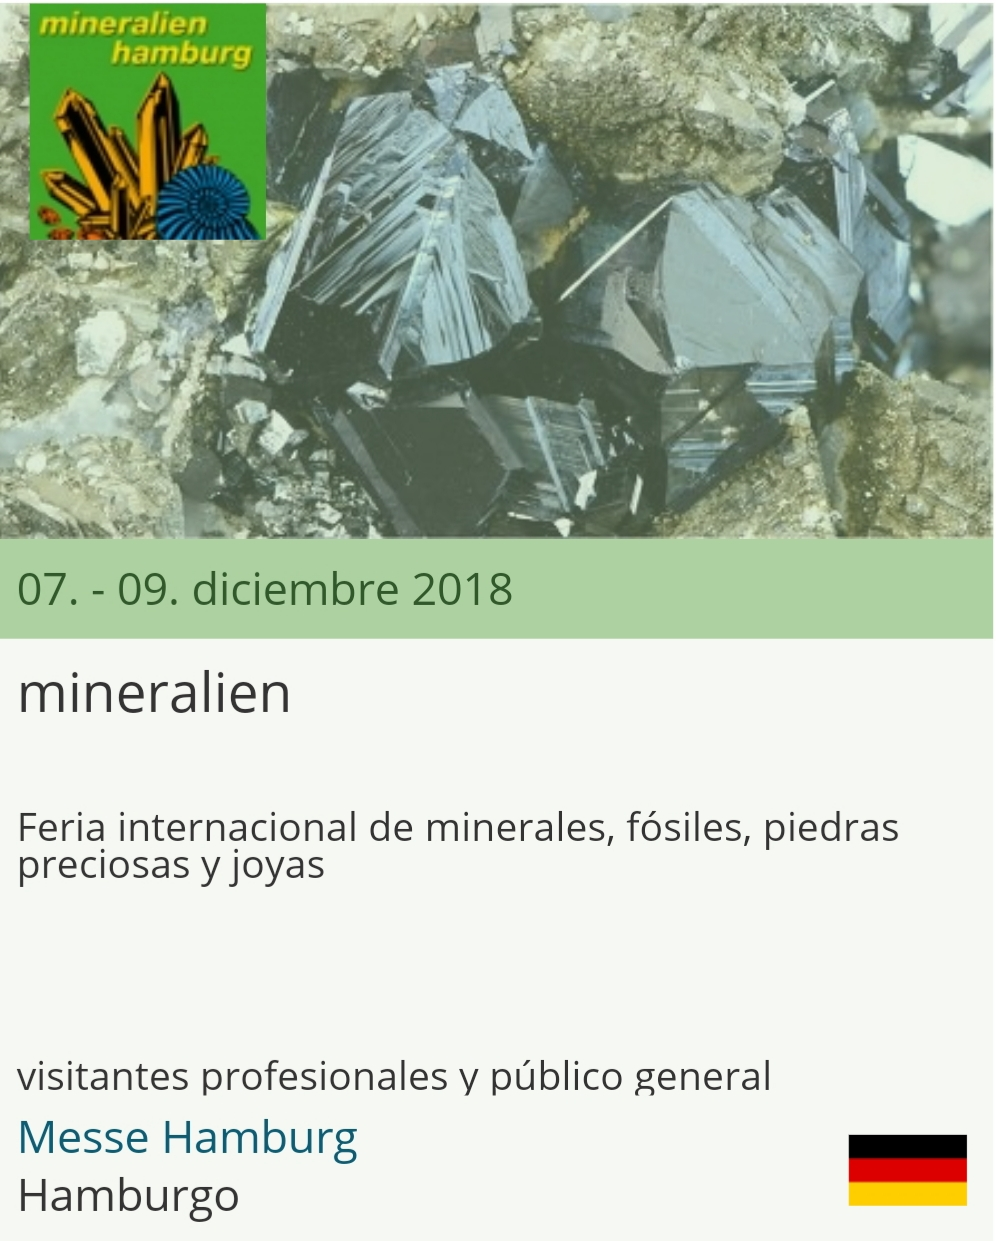 Ferias mes de Diciembre 20181119